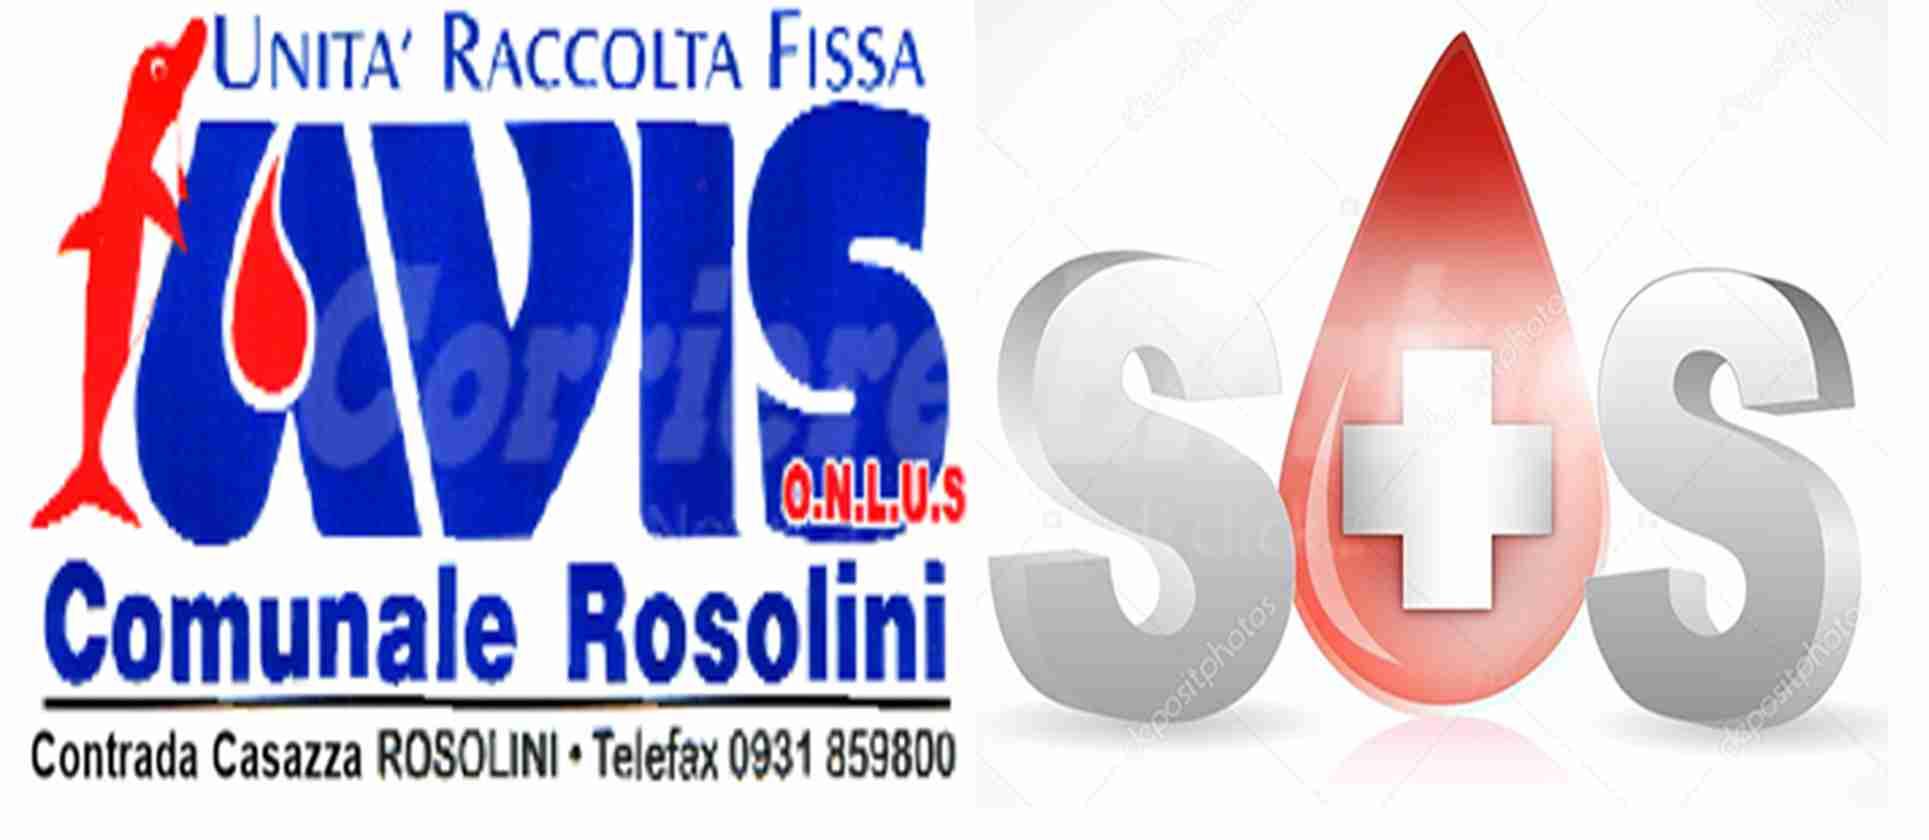 """SOS Sangue, Avis Rosolini invita a donare: """"E' un'urgenza, manca sangue anche negli ospedali"""""""